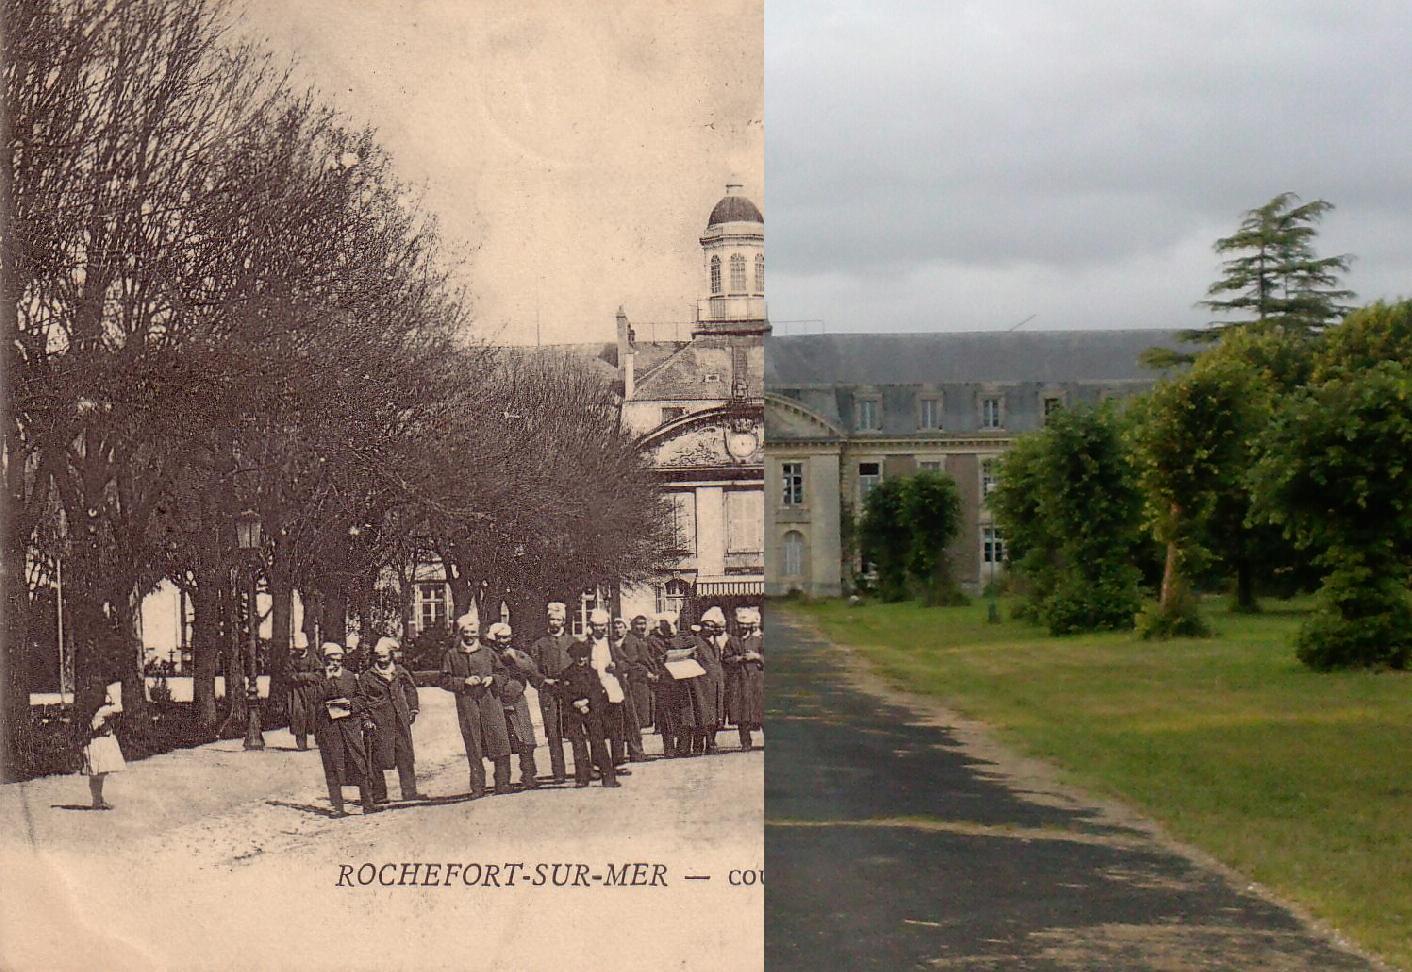 Rochefort - Cour de l'Hôpital de la Marine